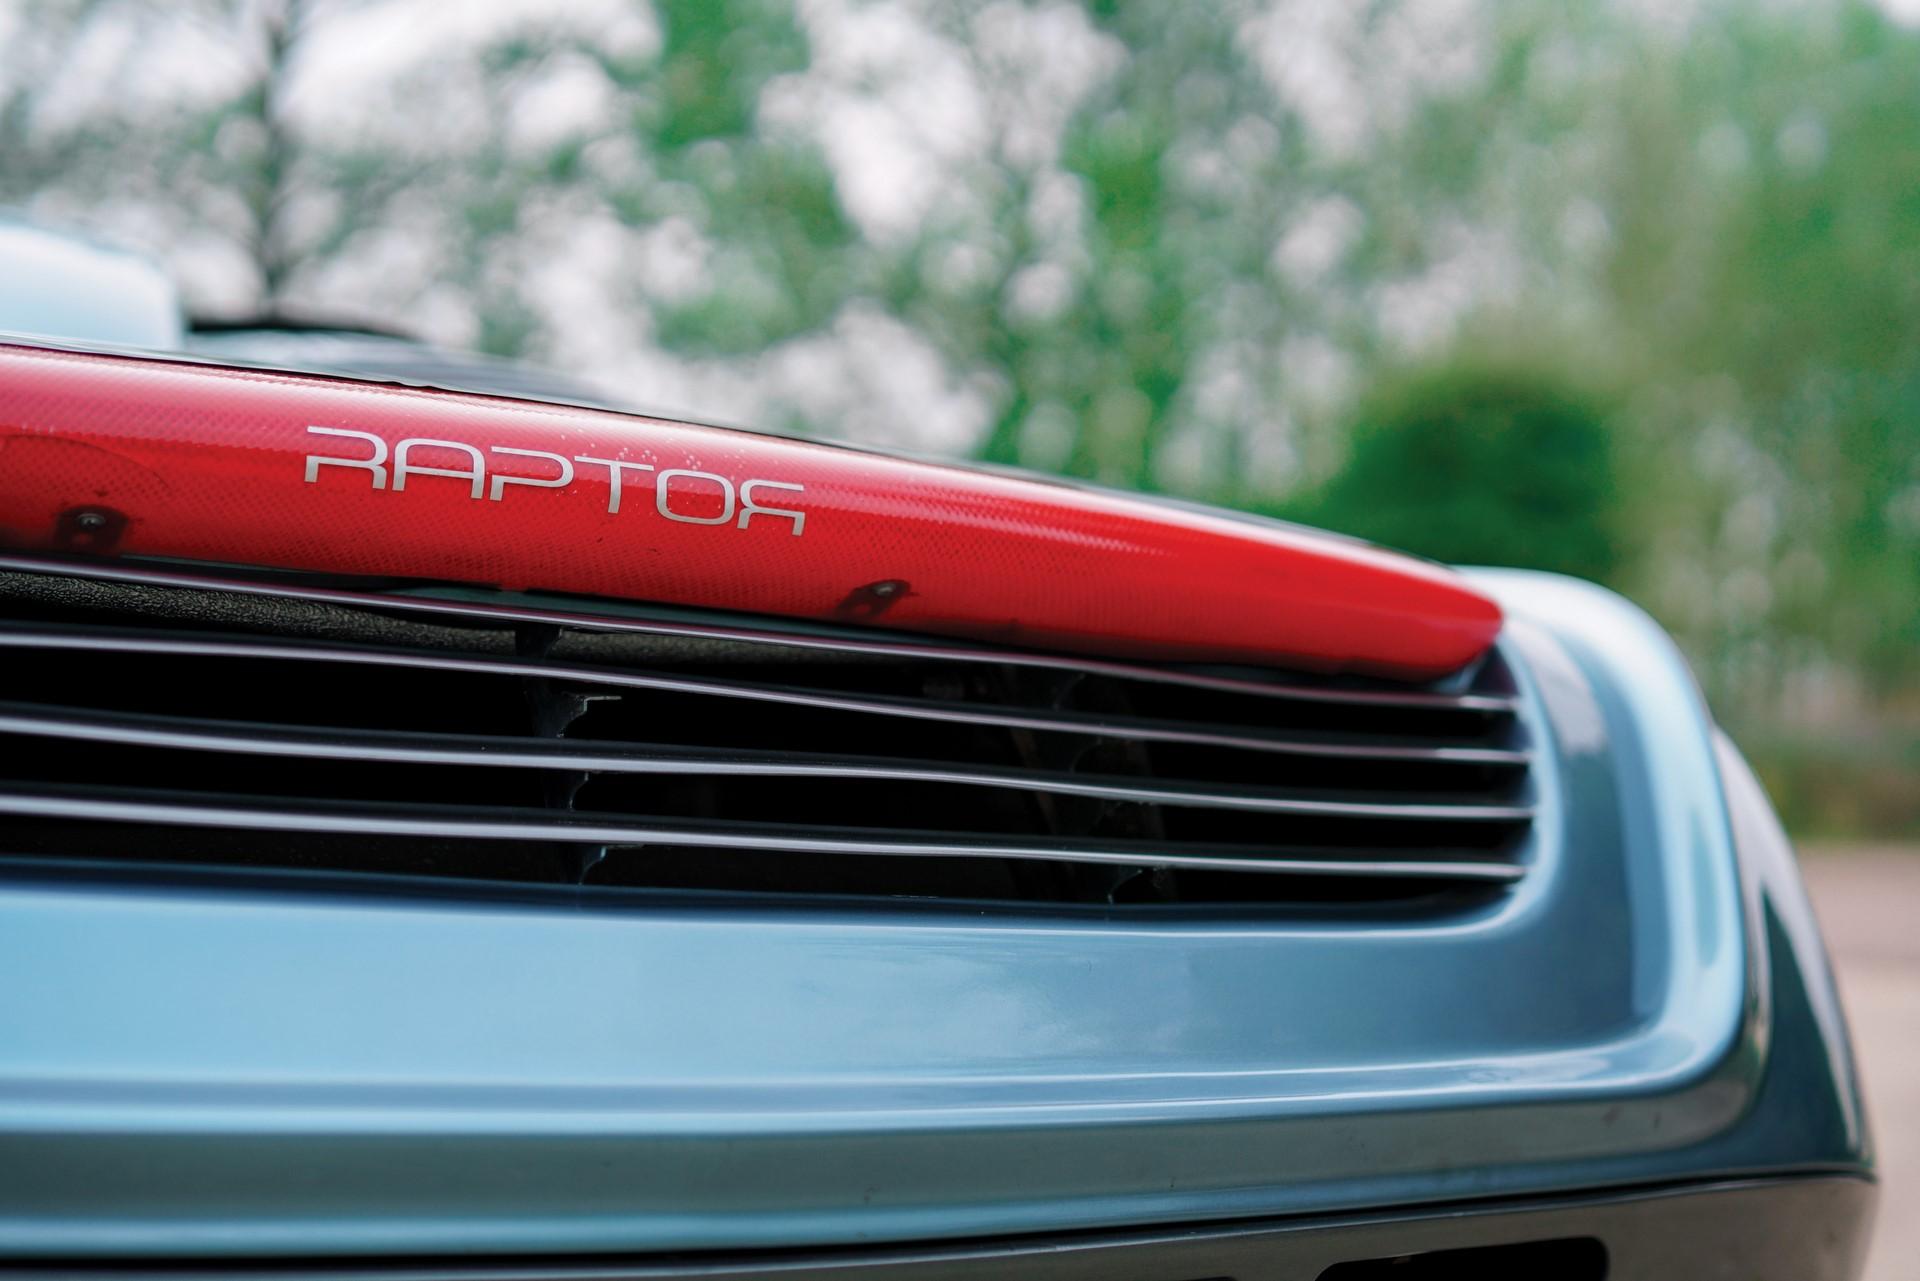 1996-Zagato-Raptor-Concept-_4